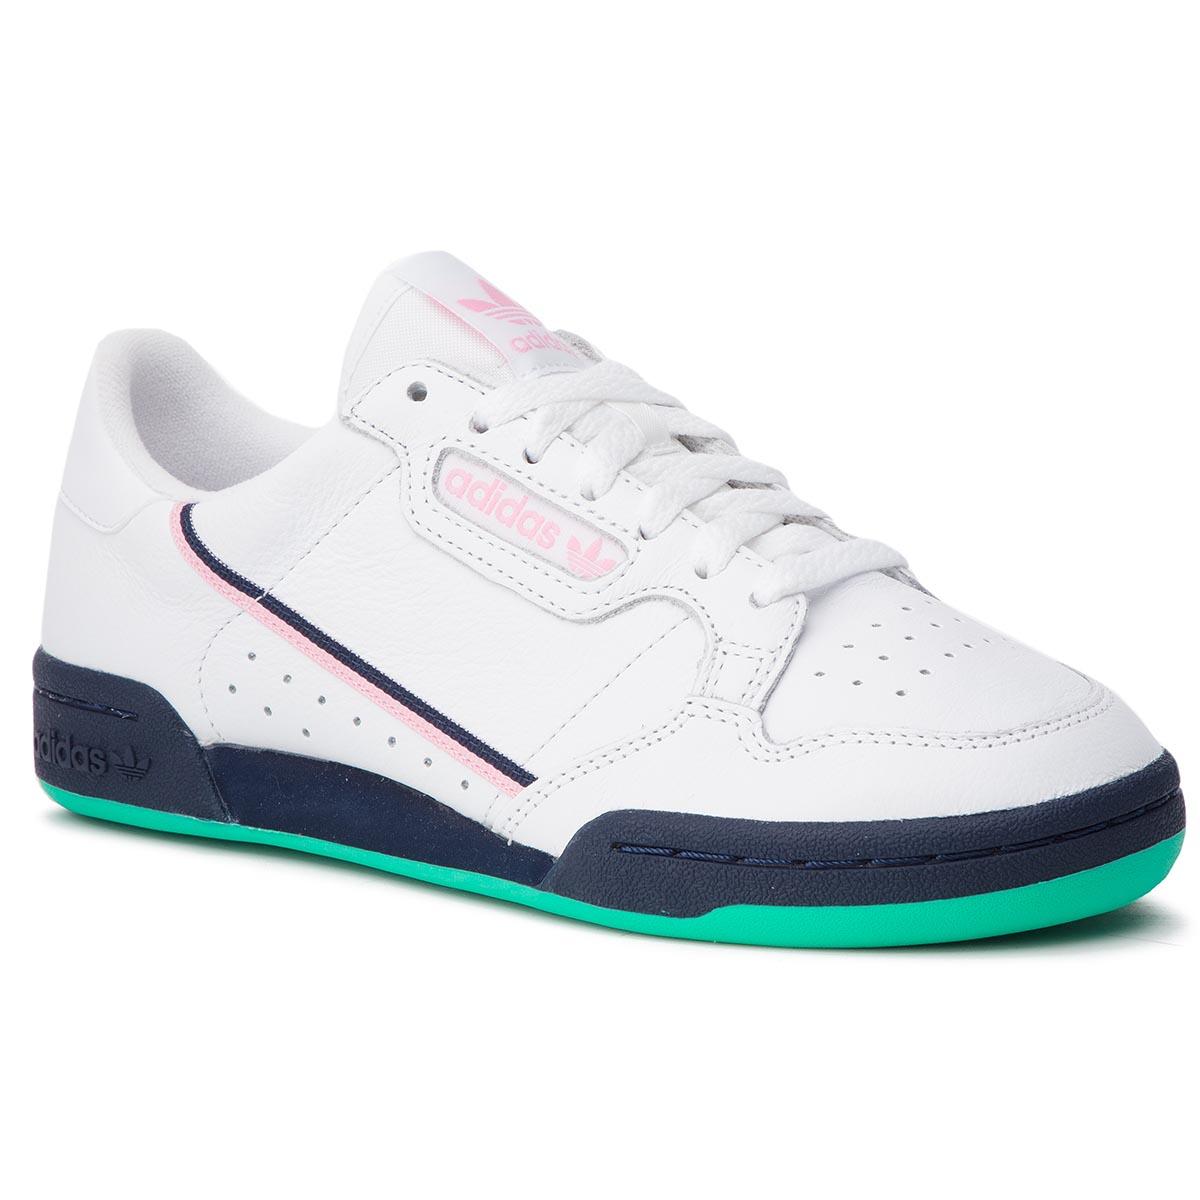 Παπούτσια adidas Continental 80 W G27724 FtwwhtTrupnkConavy